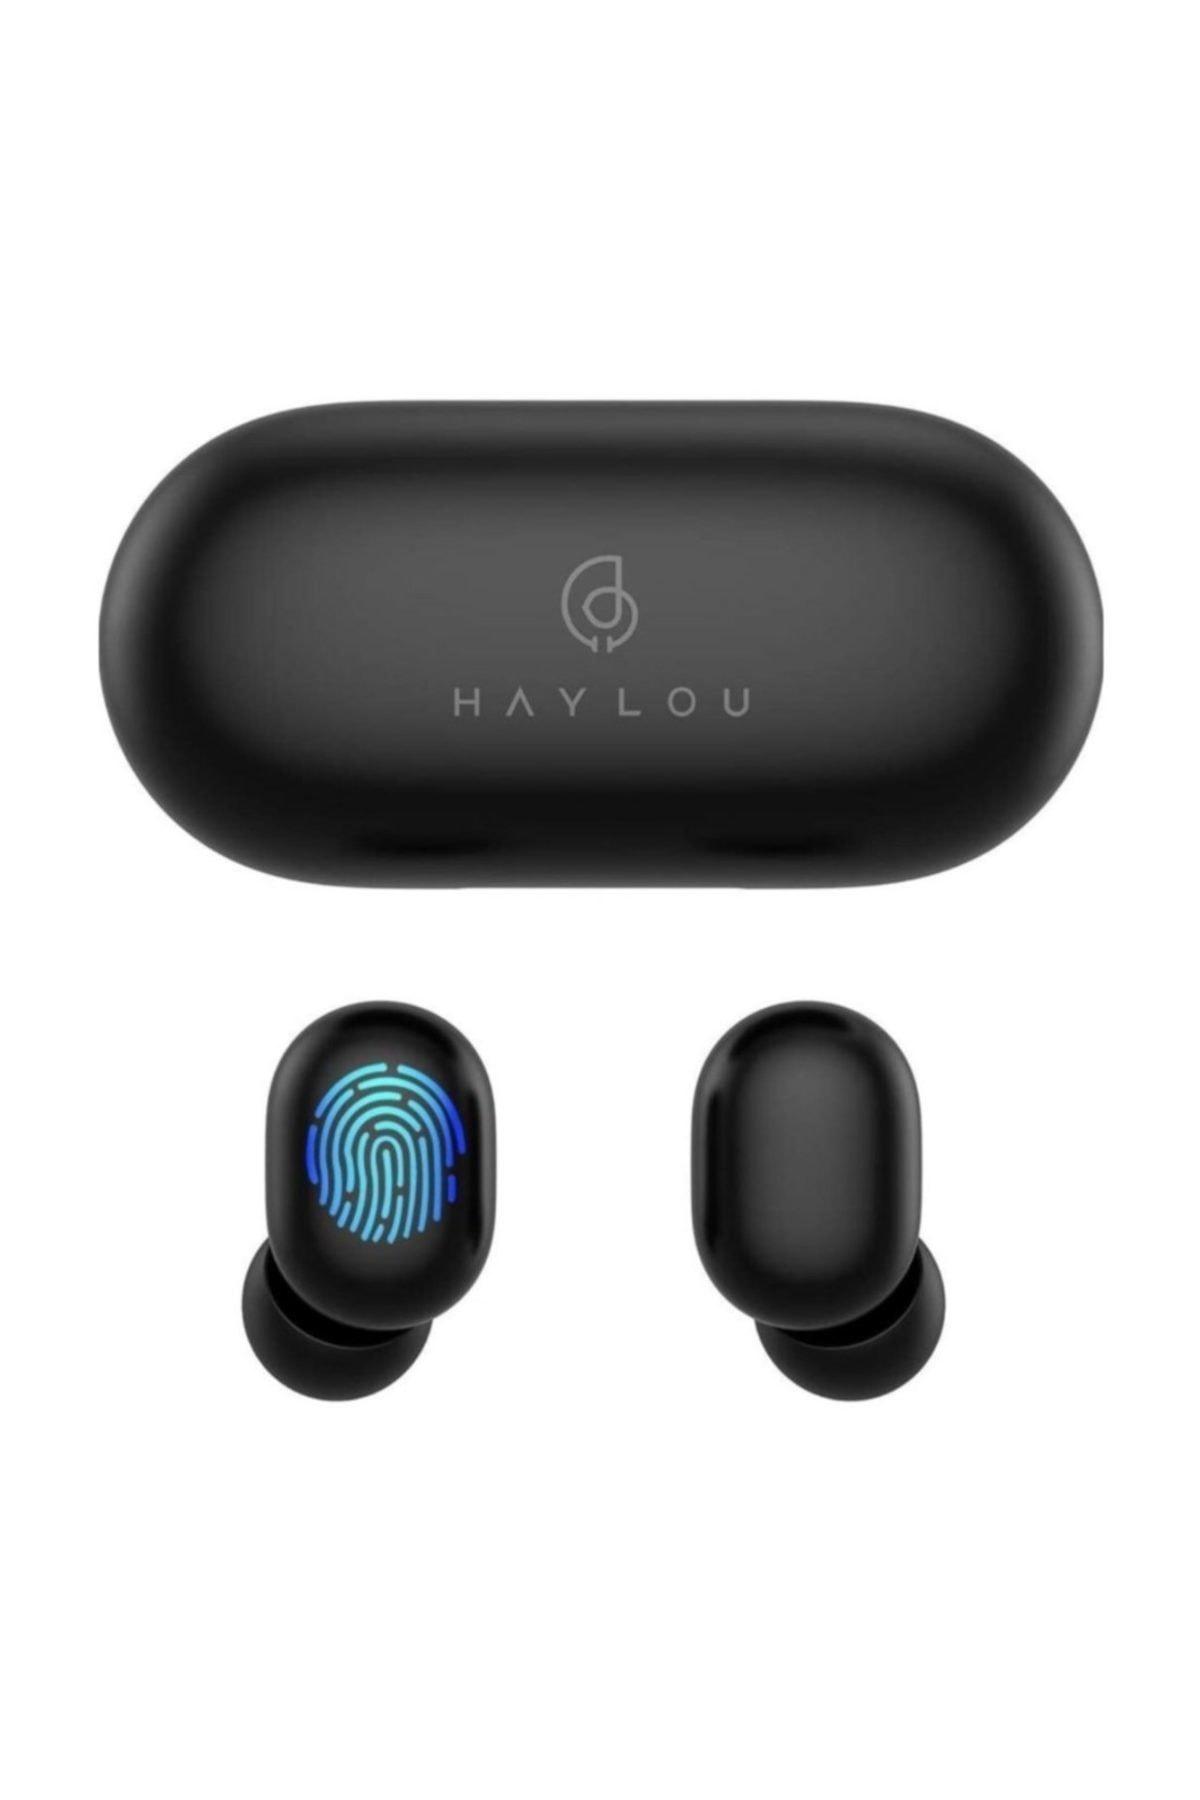 Önceki modeli: Haylou Gt1 Dokunmatik Kablosuz 5.0 Bluetooth Kulaklık